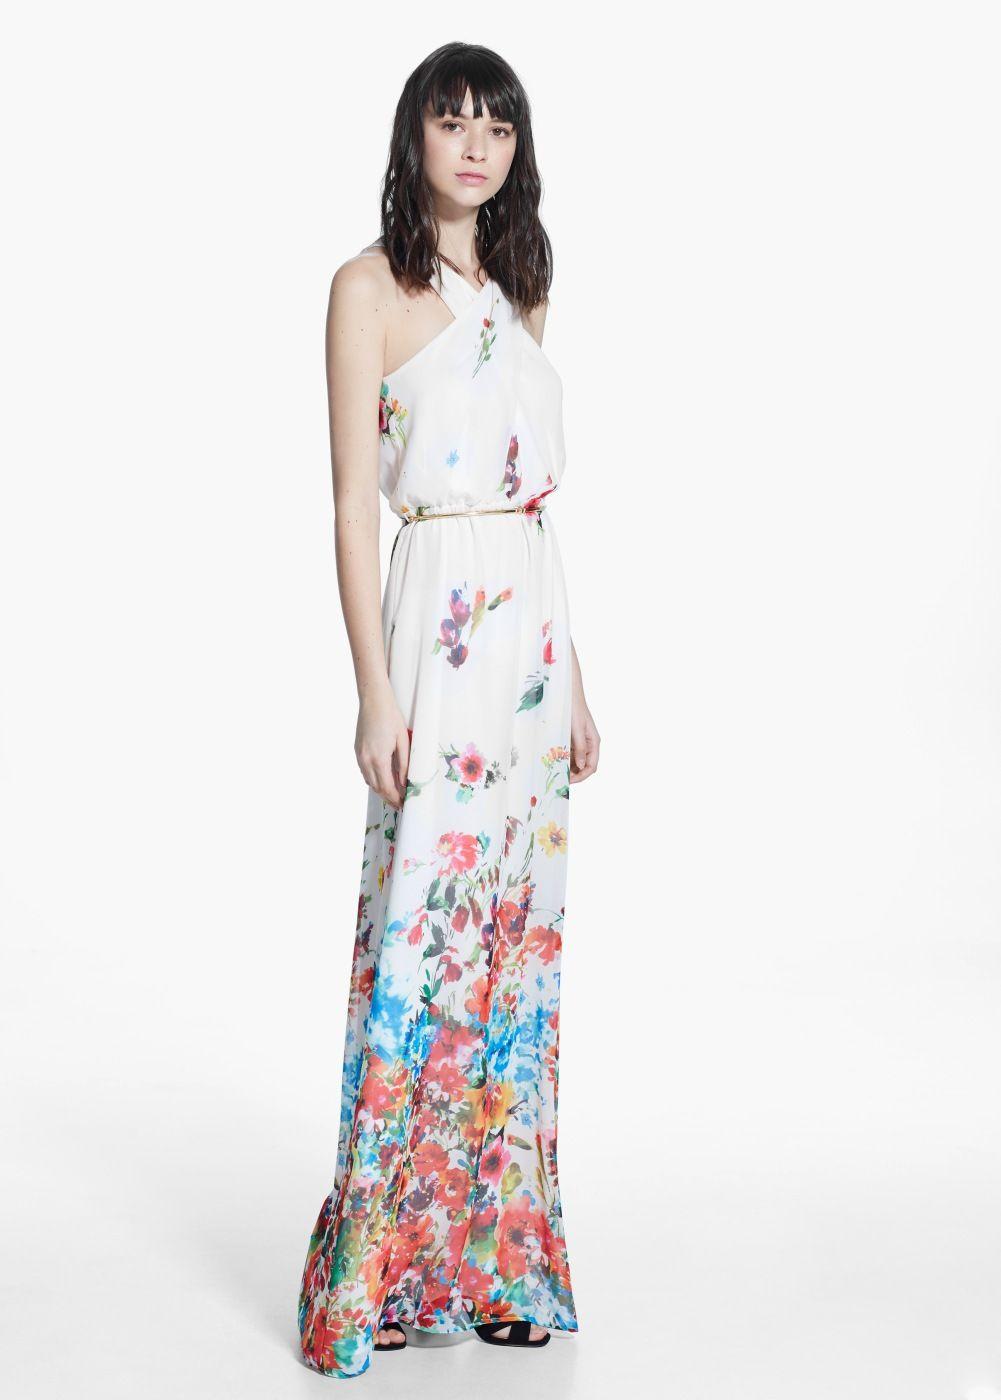 Langes kleid mit blumenmuster - Damen | Blumenmuster und Sommerfest